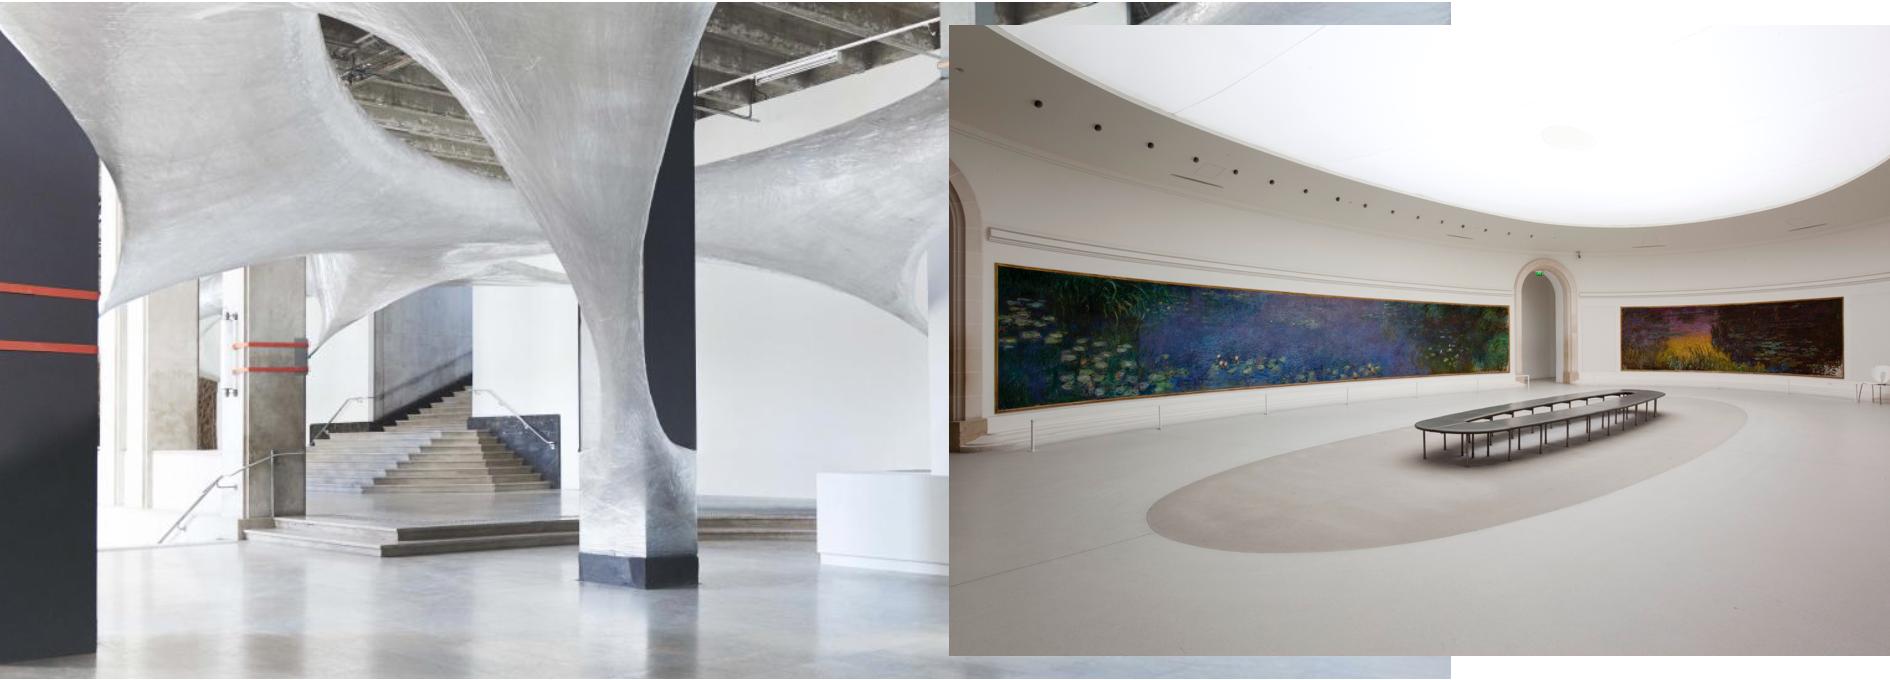 Photos: Palais de Tokyo // Musée de l'Orangerie